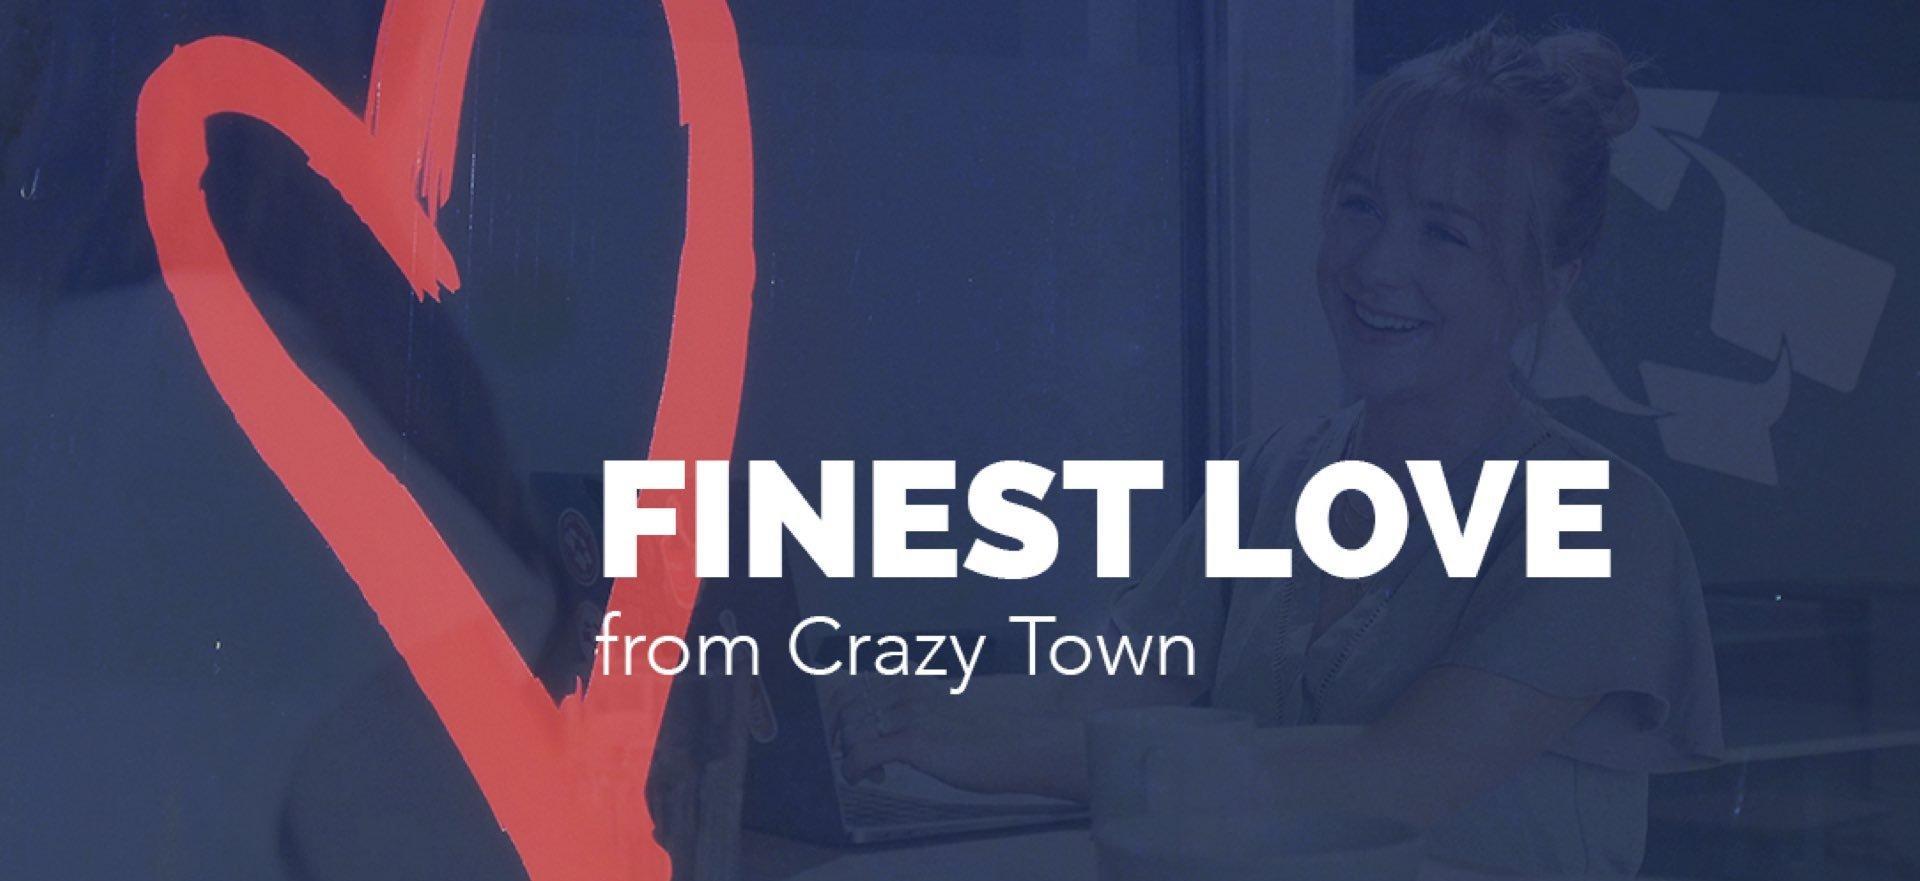 Crazy Town kasvukiihdyttämö Finest Love